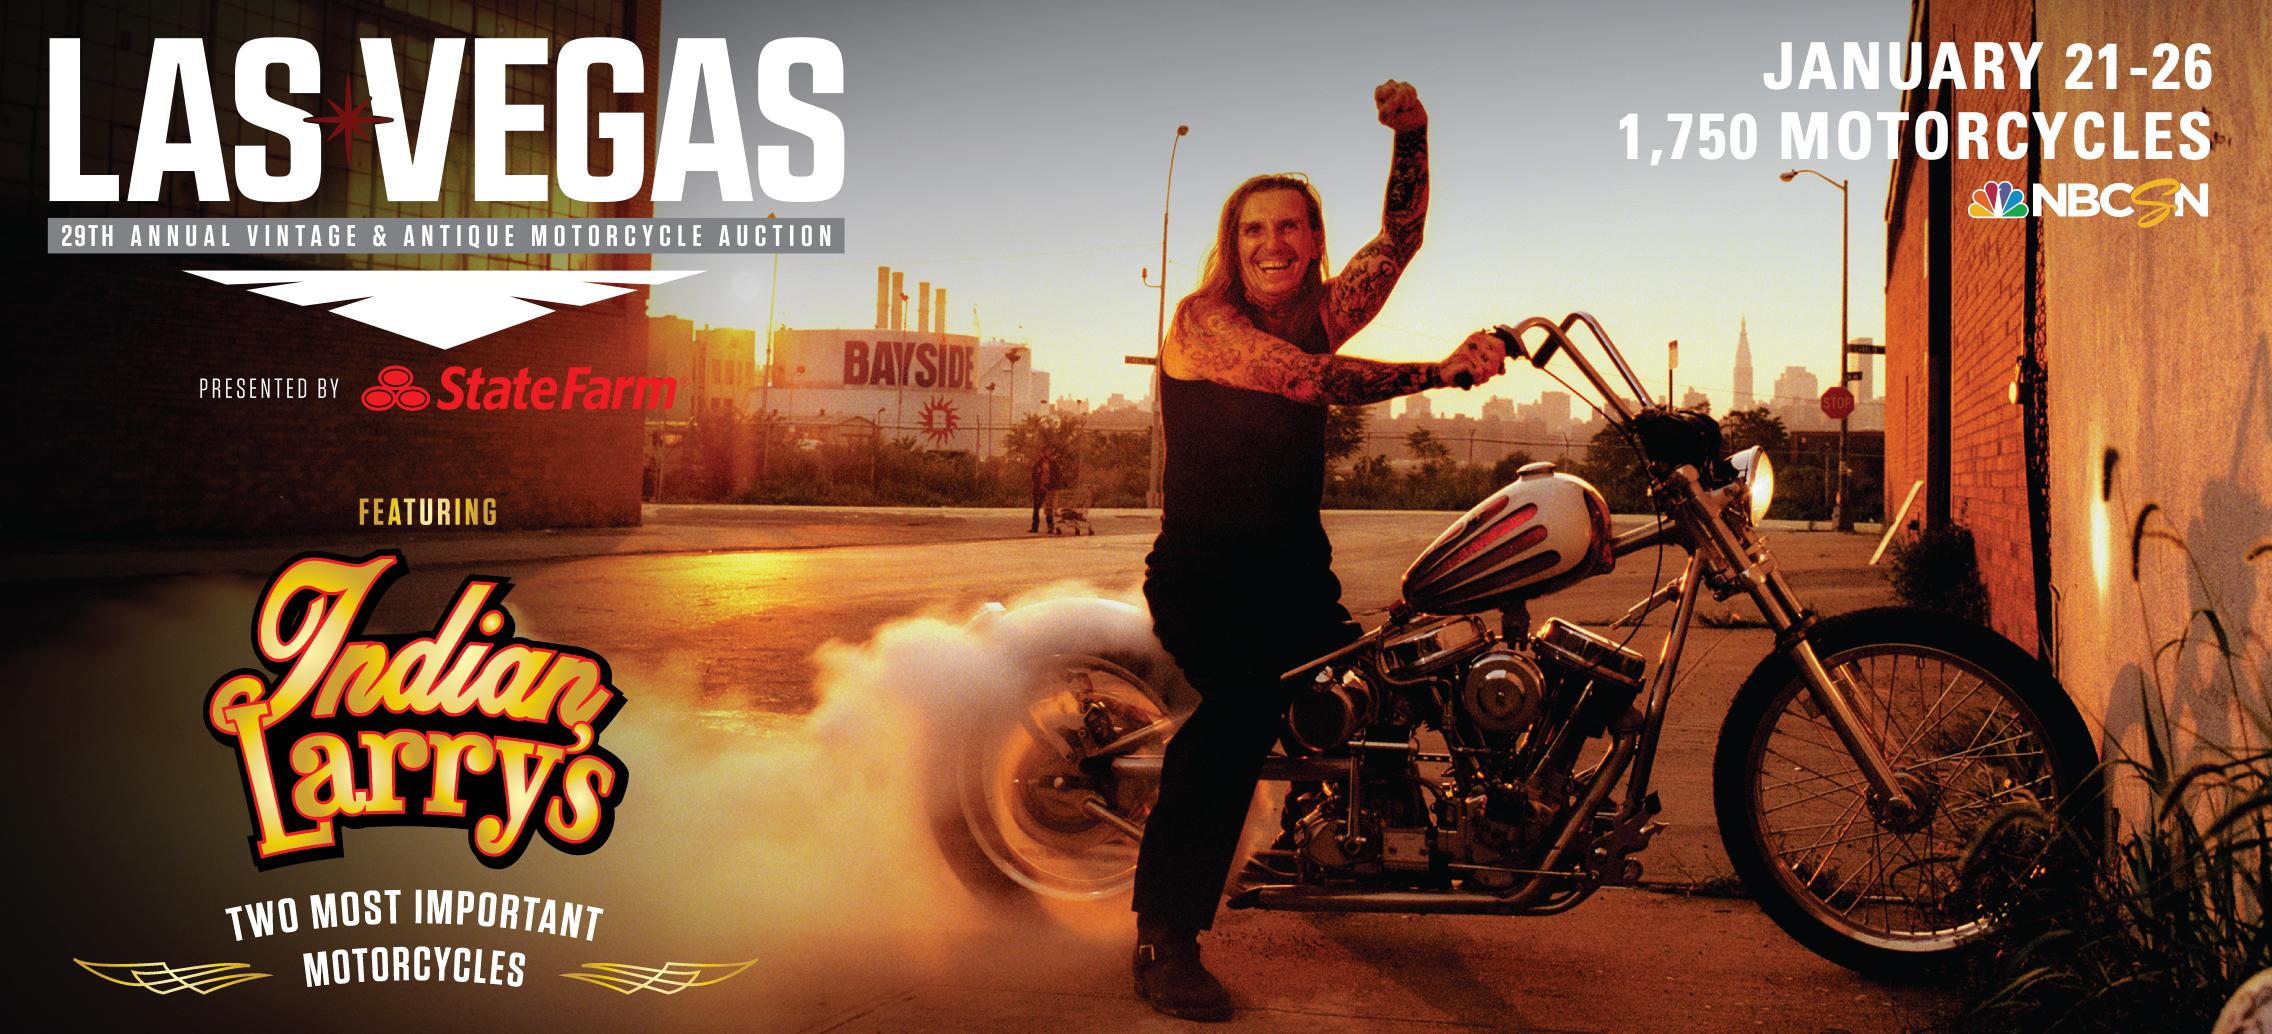 Mecum Motorcycle Auction   Las Vegas